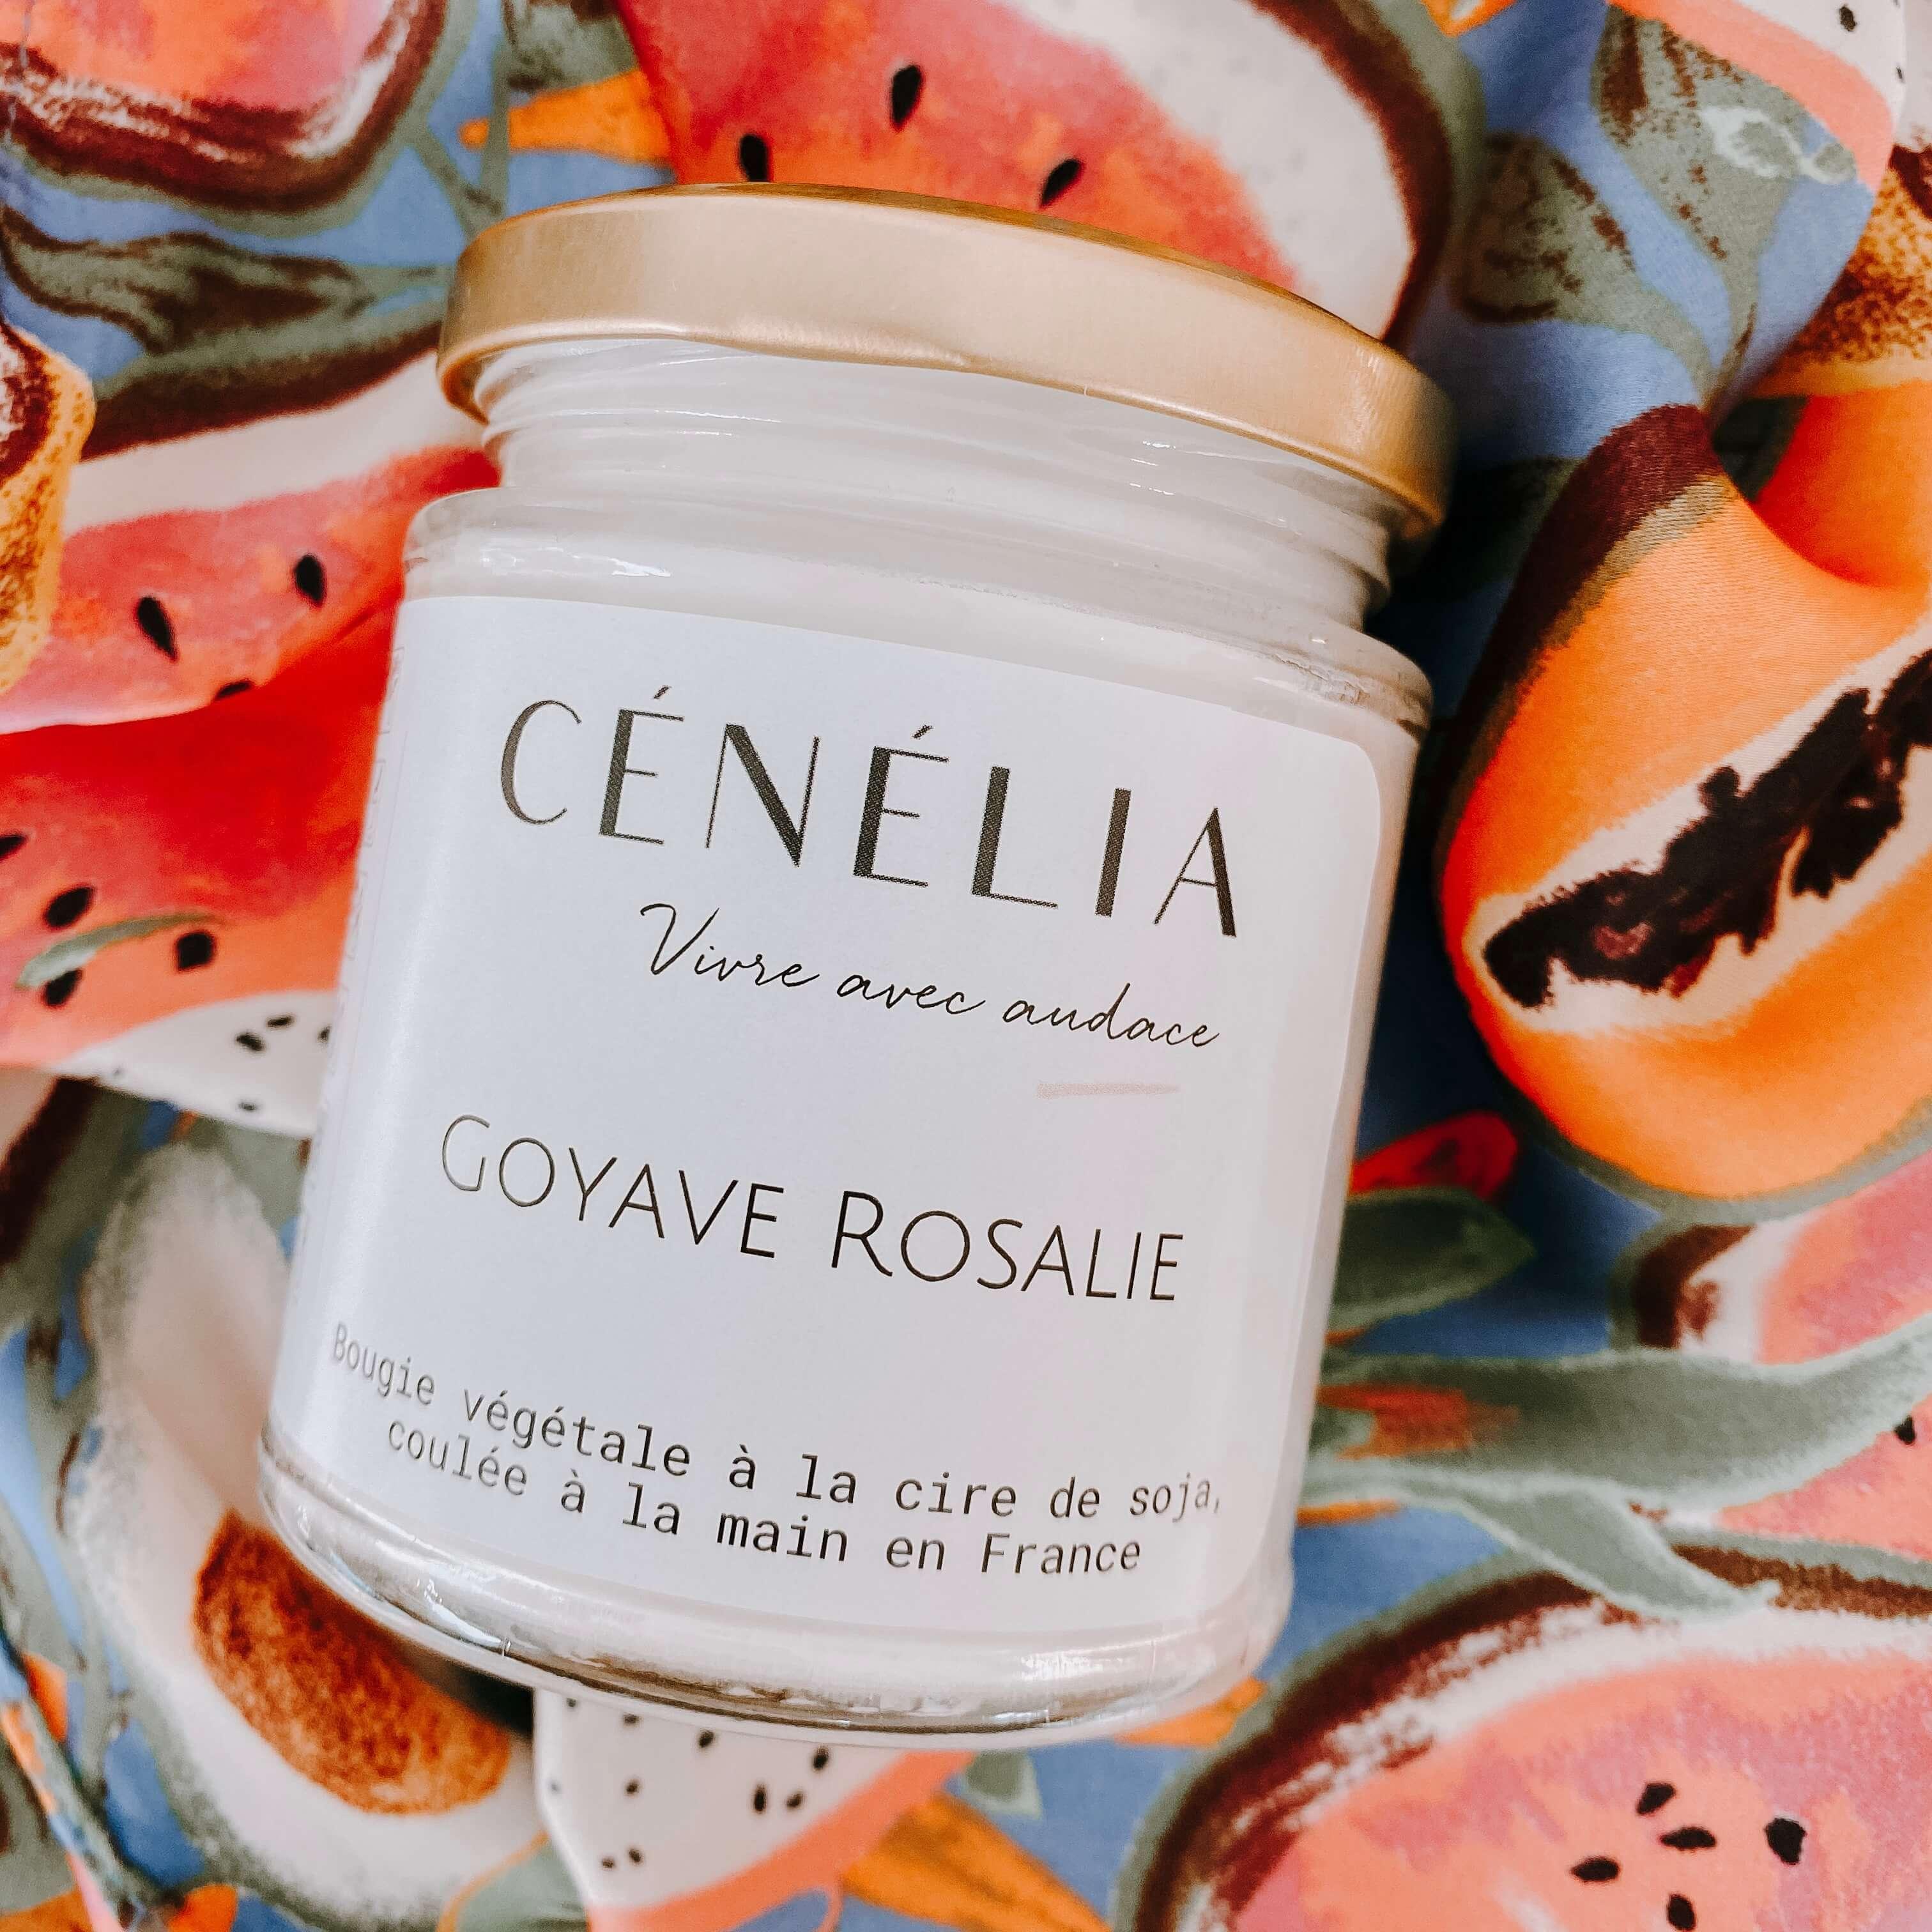 bougie à la goyave - Bougie tropicale Cénélia